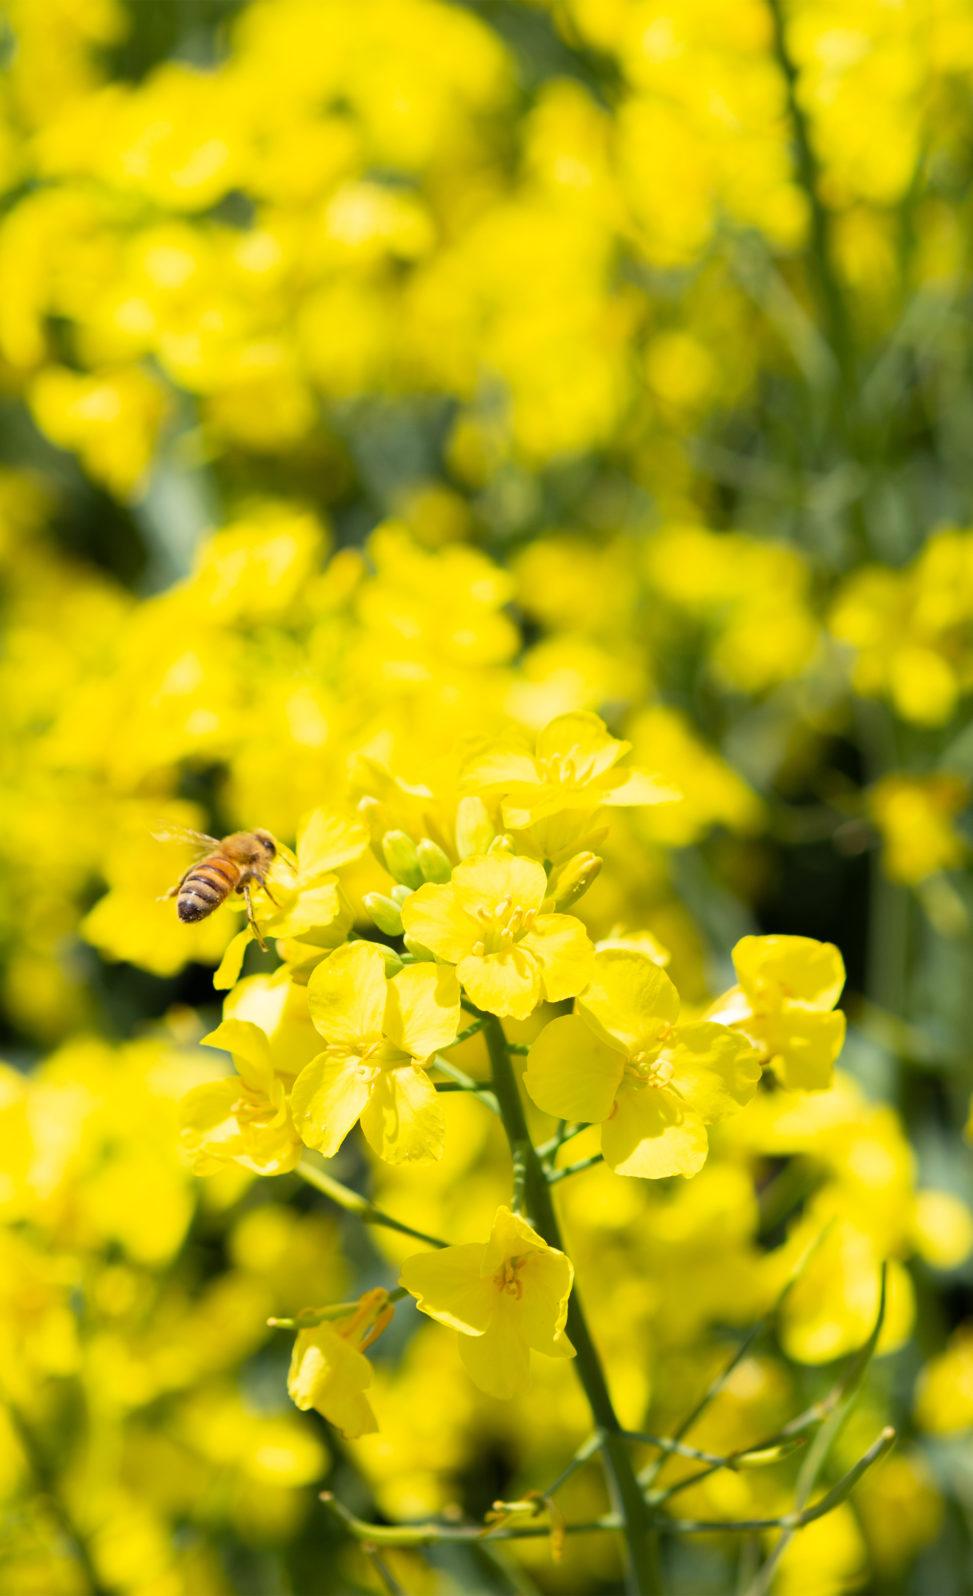 菜の花と蜂の写真素材